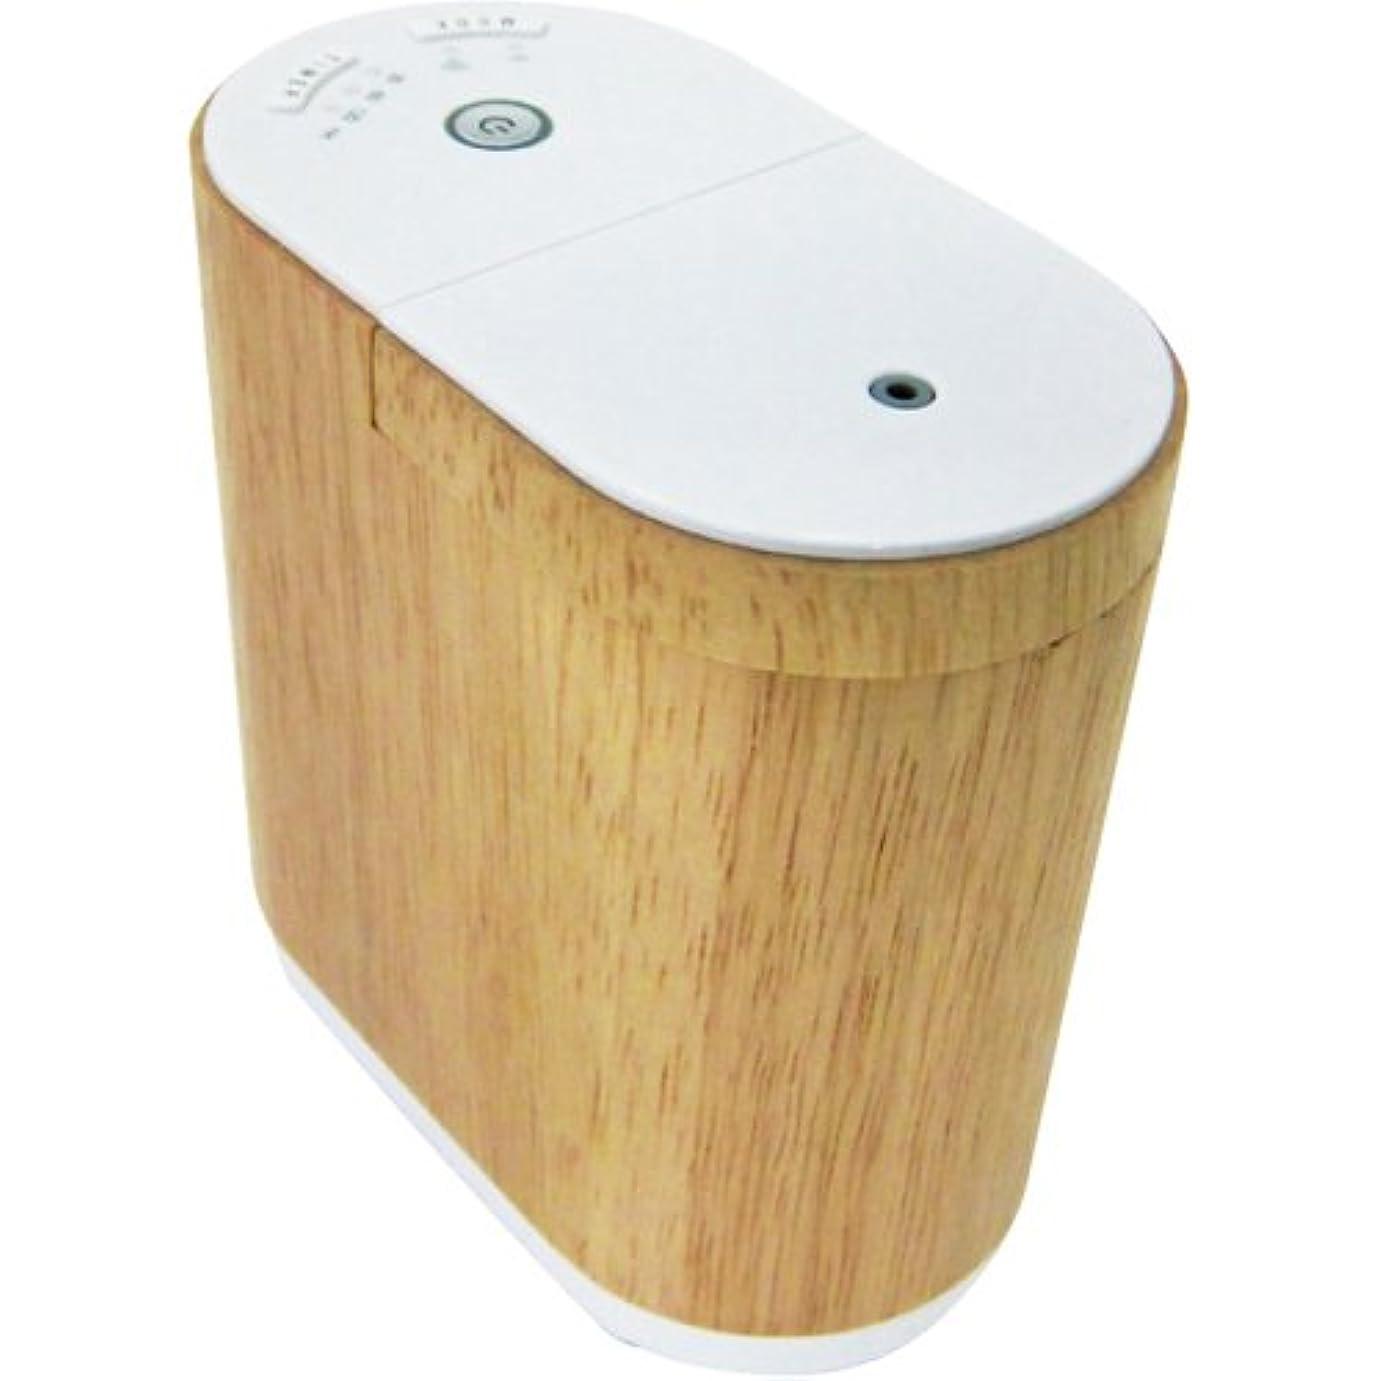 おじさんスパーク鈍い生活の木 アロマディフューザー(ウッド)エッセンシャルオイルディフューザー aromore(アロモア) 08-801-6010